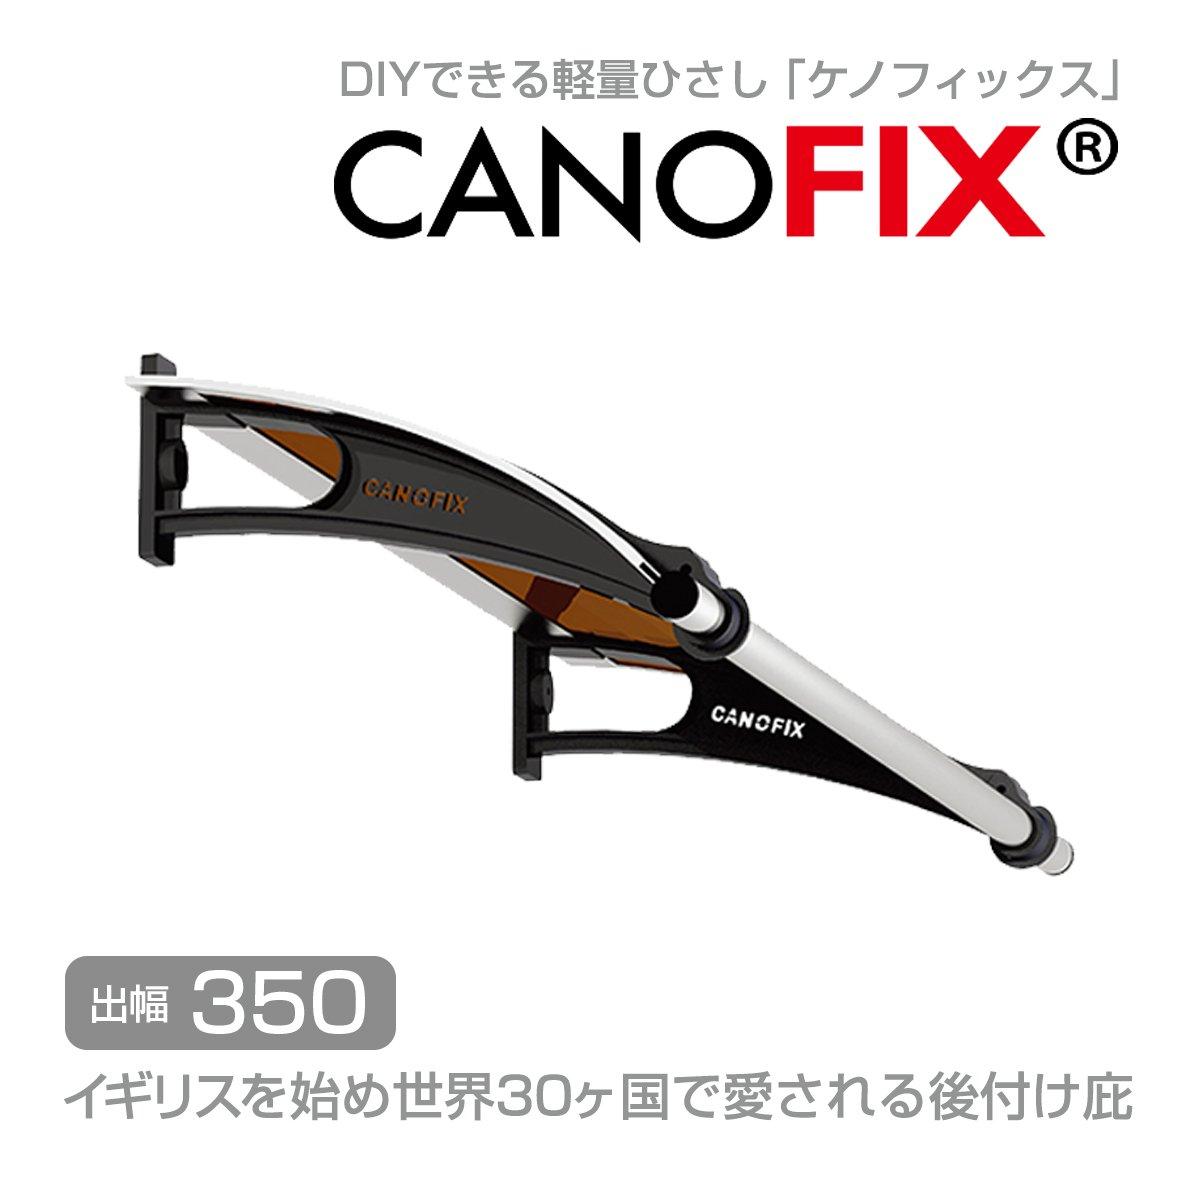 【日本総輸入元】DIY可能な後付けひさし ケノフィックス(CANOFIX) D350 W6000/シート: クリア/ブラケット:ブラック B078XSPR1Y 6000mm|ブラケット:ブラックシート:クリア ブラケット:ブラックシート:クリア 6000mm